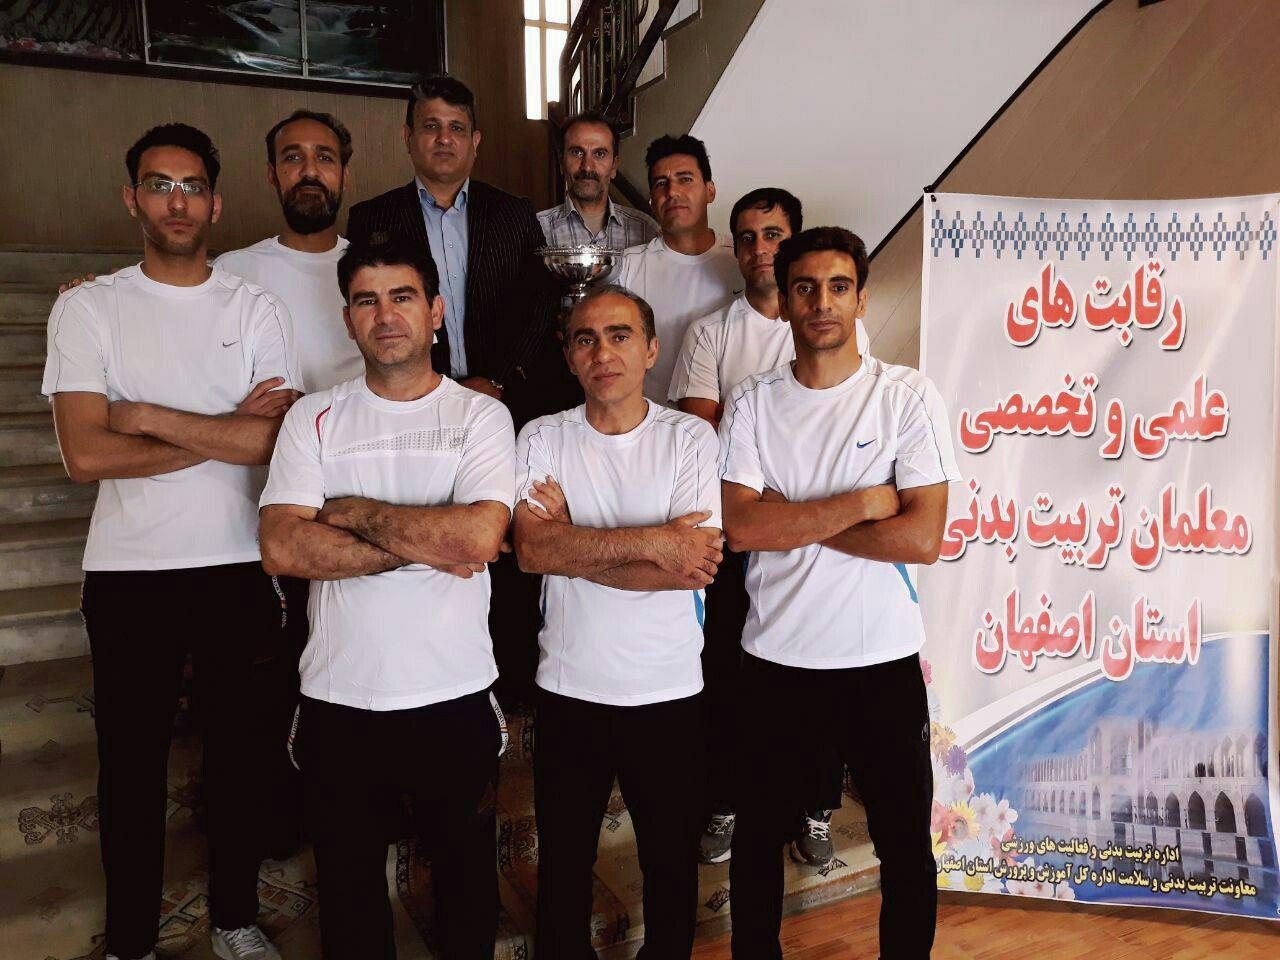 نایب قهرمانی تیم علمی تخصصی معلمان تربیت بدنی نجف آباد (آقایان) در مرحله استانی سال تحصیلی ۹۹-۹۸